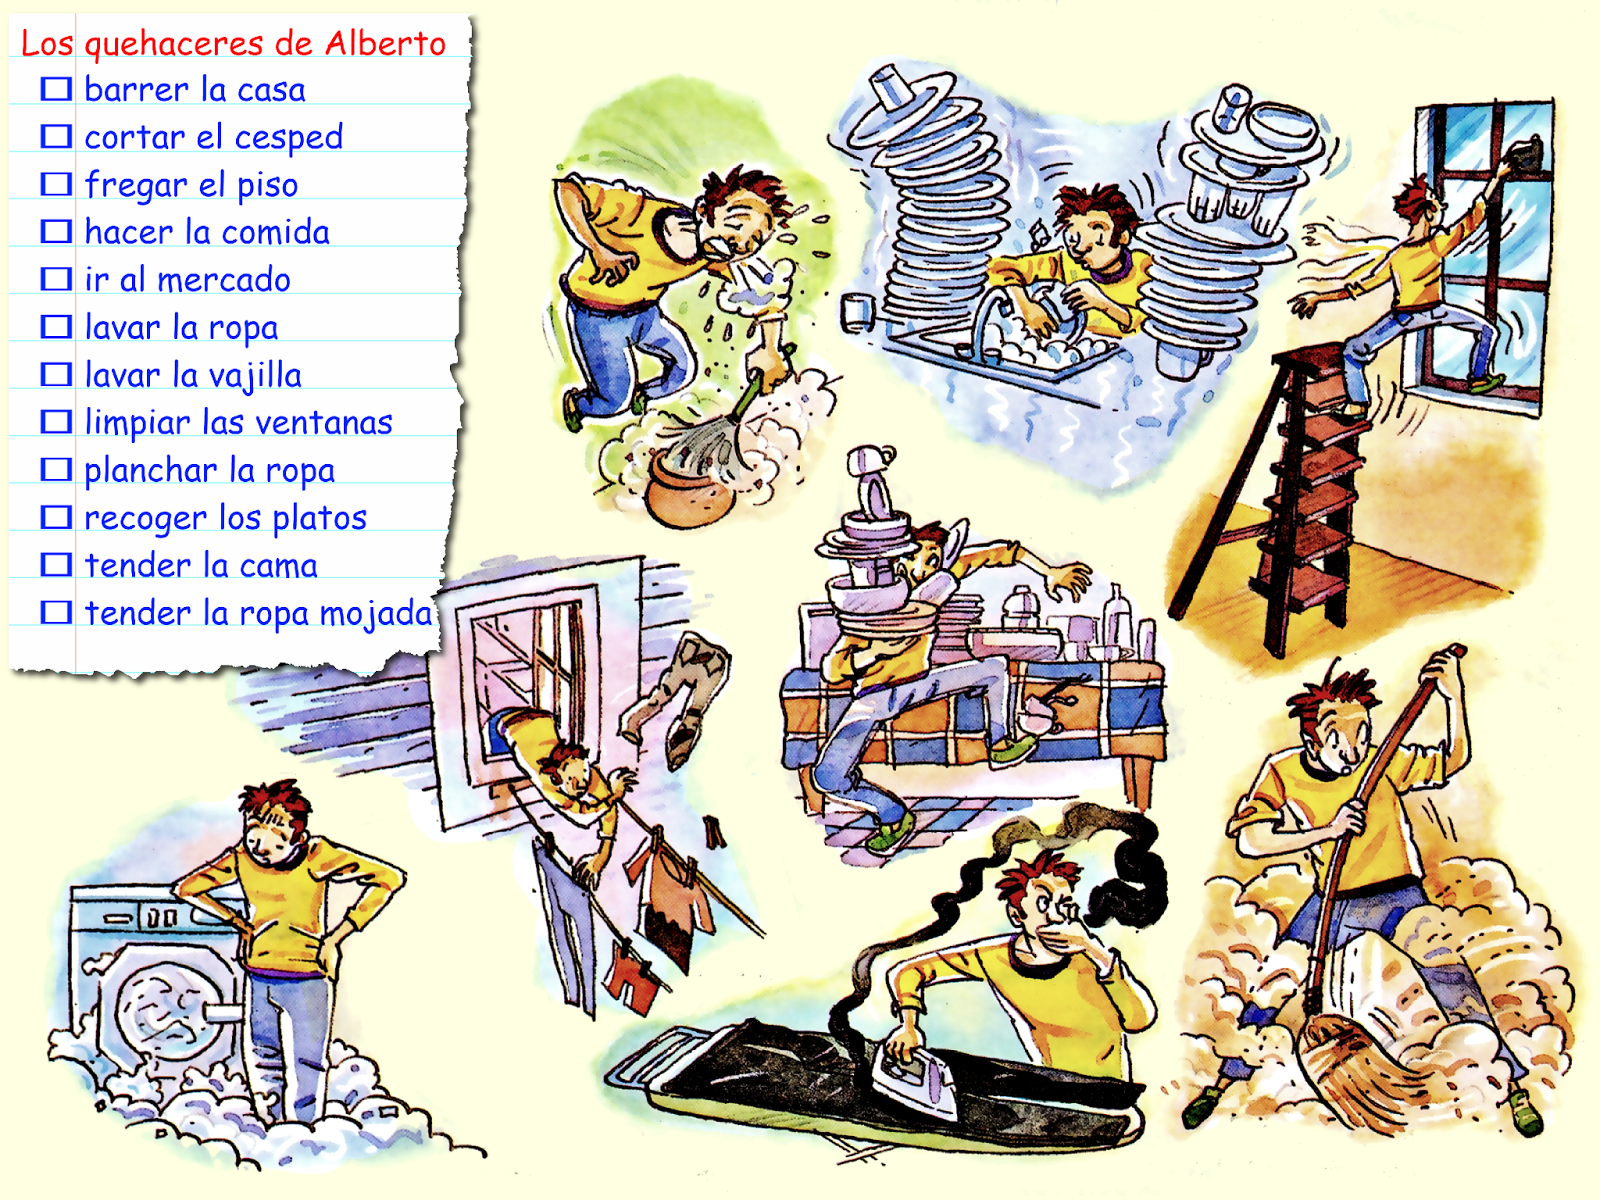 Los Quehaceres De Alberto Quehaceres Preterito Perfecto Tareas De Casa